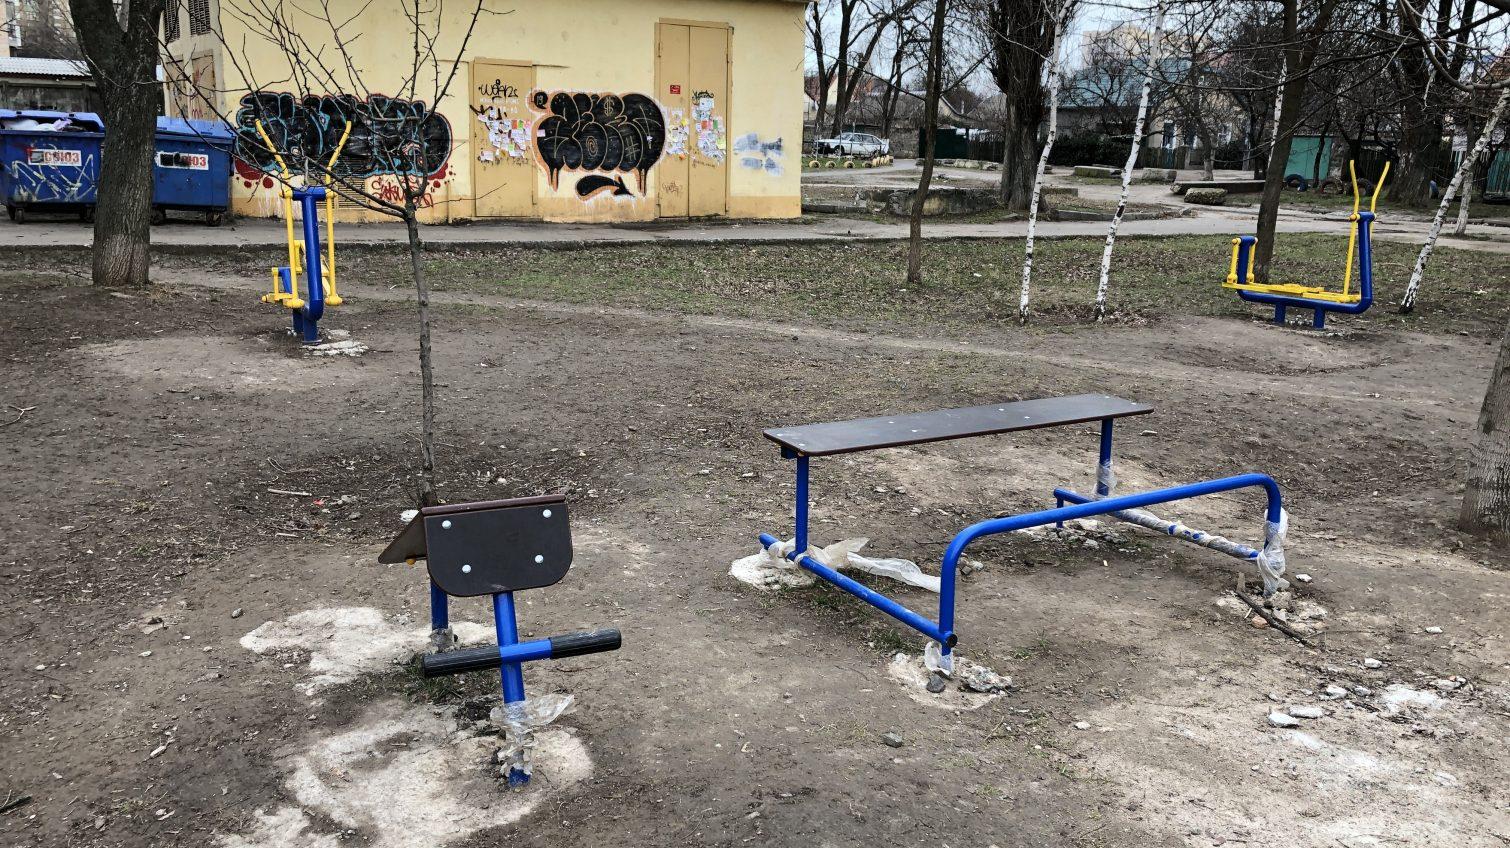 Недоделанная «Солнечная поляна» в грязи и без дорожек: в мэрии теперь винят авторов проекта (фото) «фото»